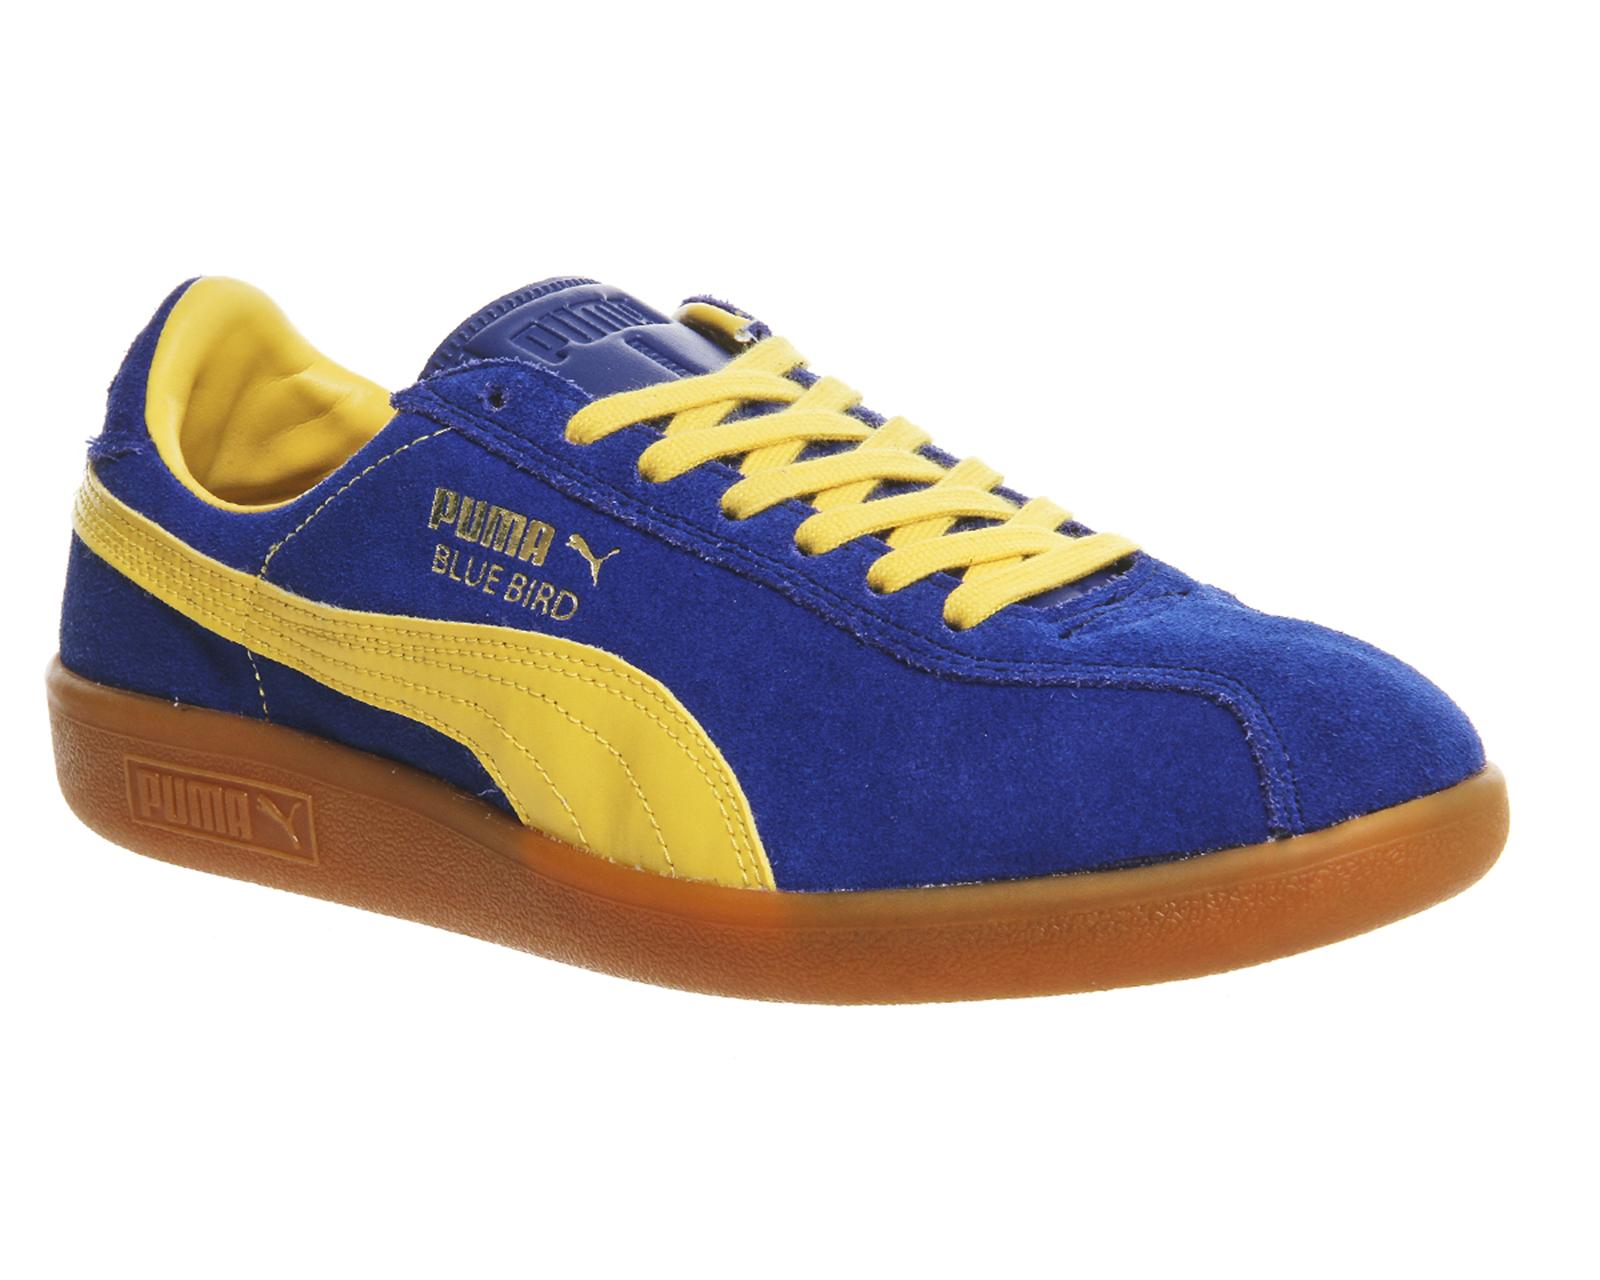 PUMA Bluebird trainers re released! – SportLocker